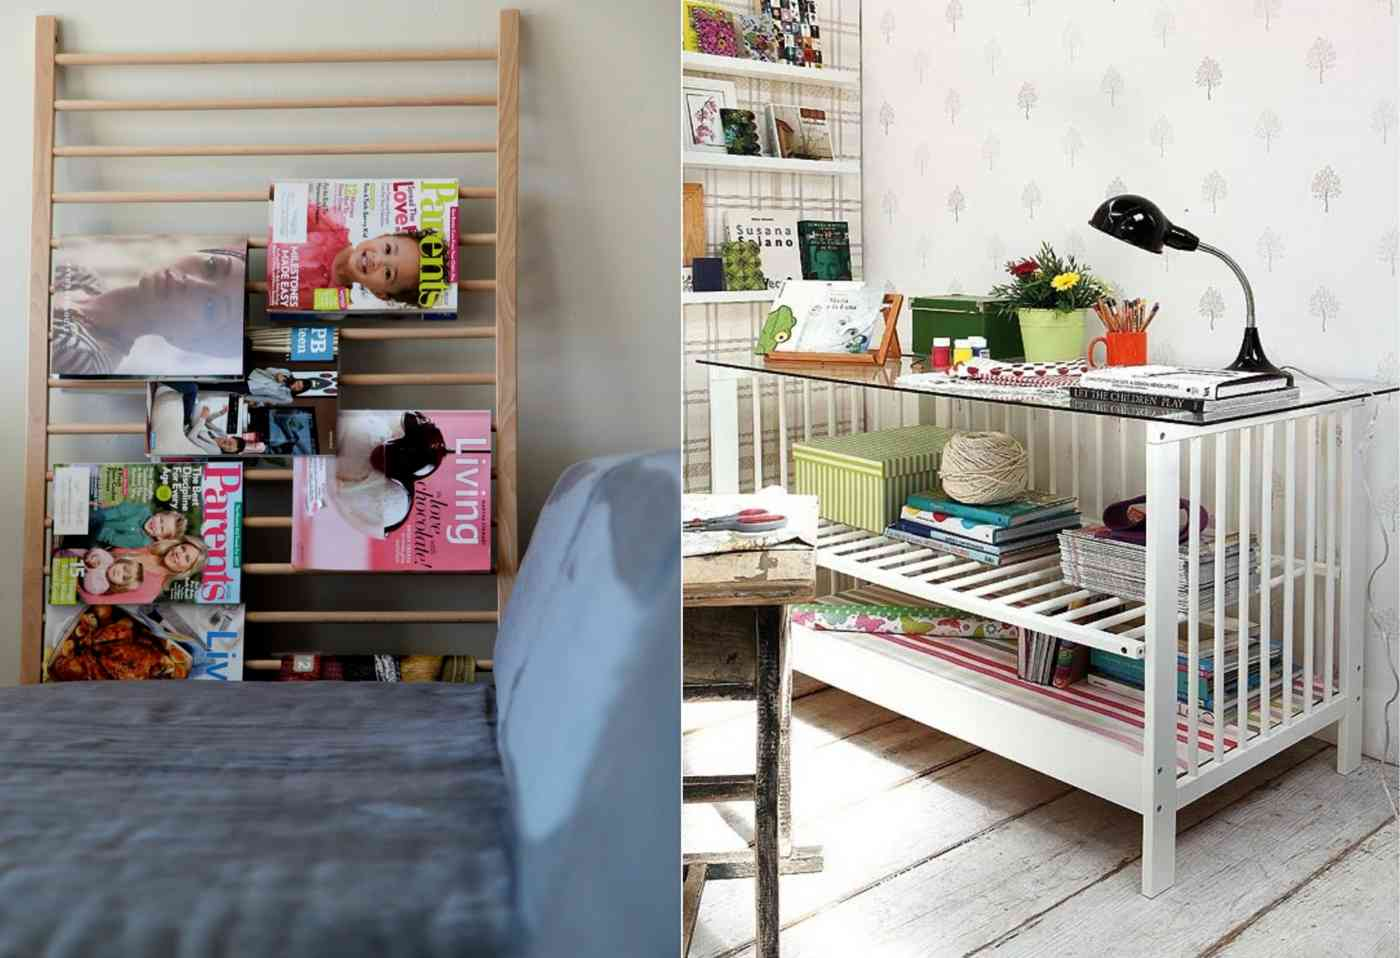 Full Size of Kinderbett Diy Babybett Umbauen In Verschiedene Mbel Ideen Und Anleitungen Wohnzimmer Kinderbett Diy